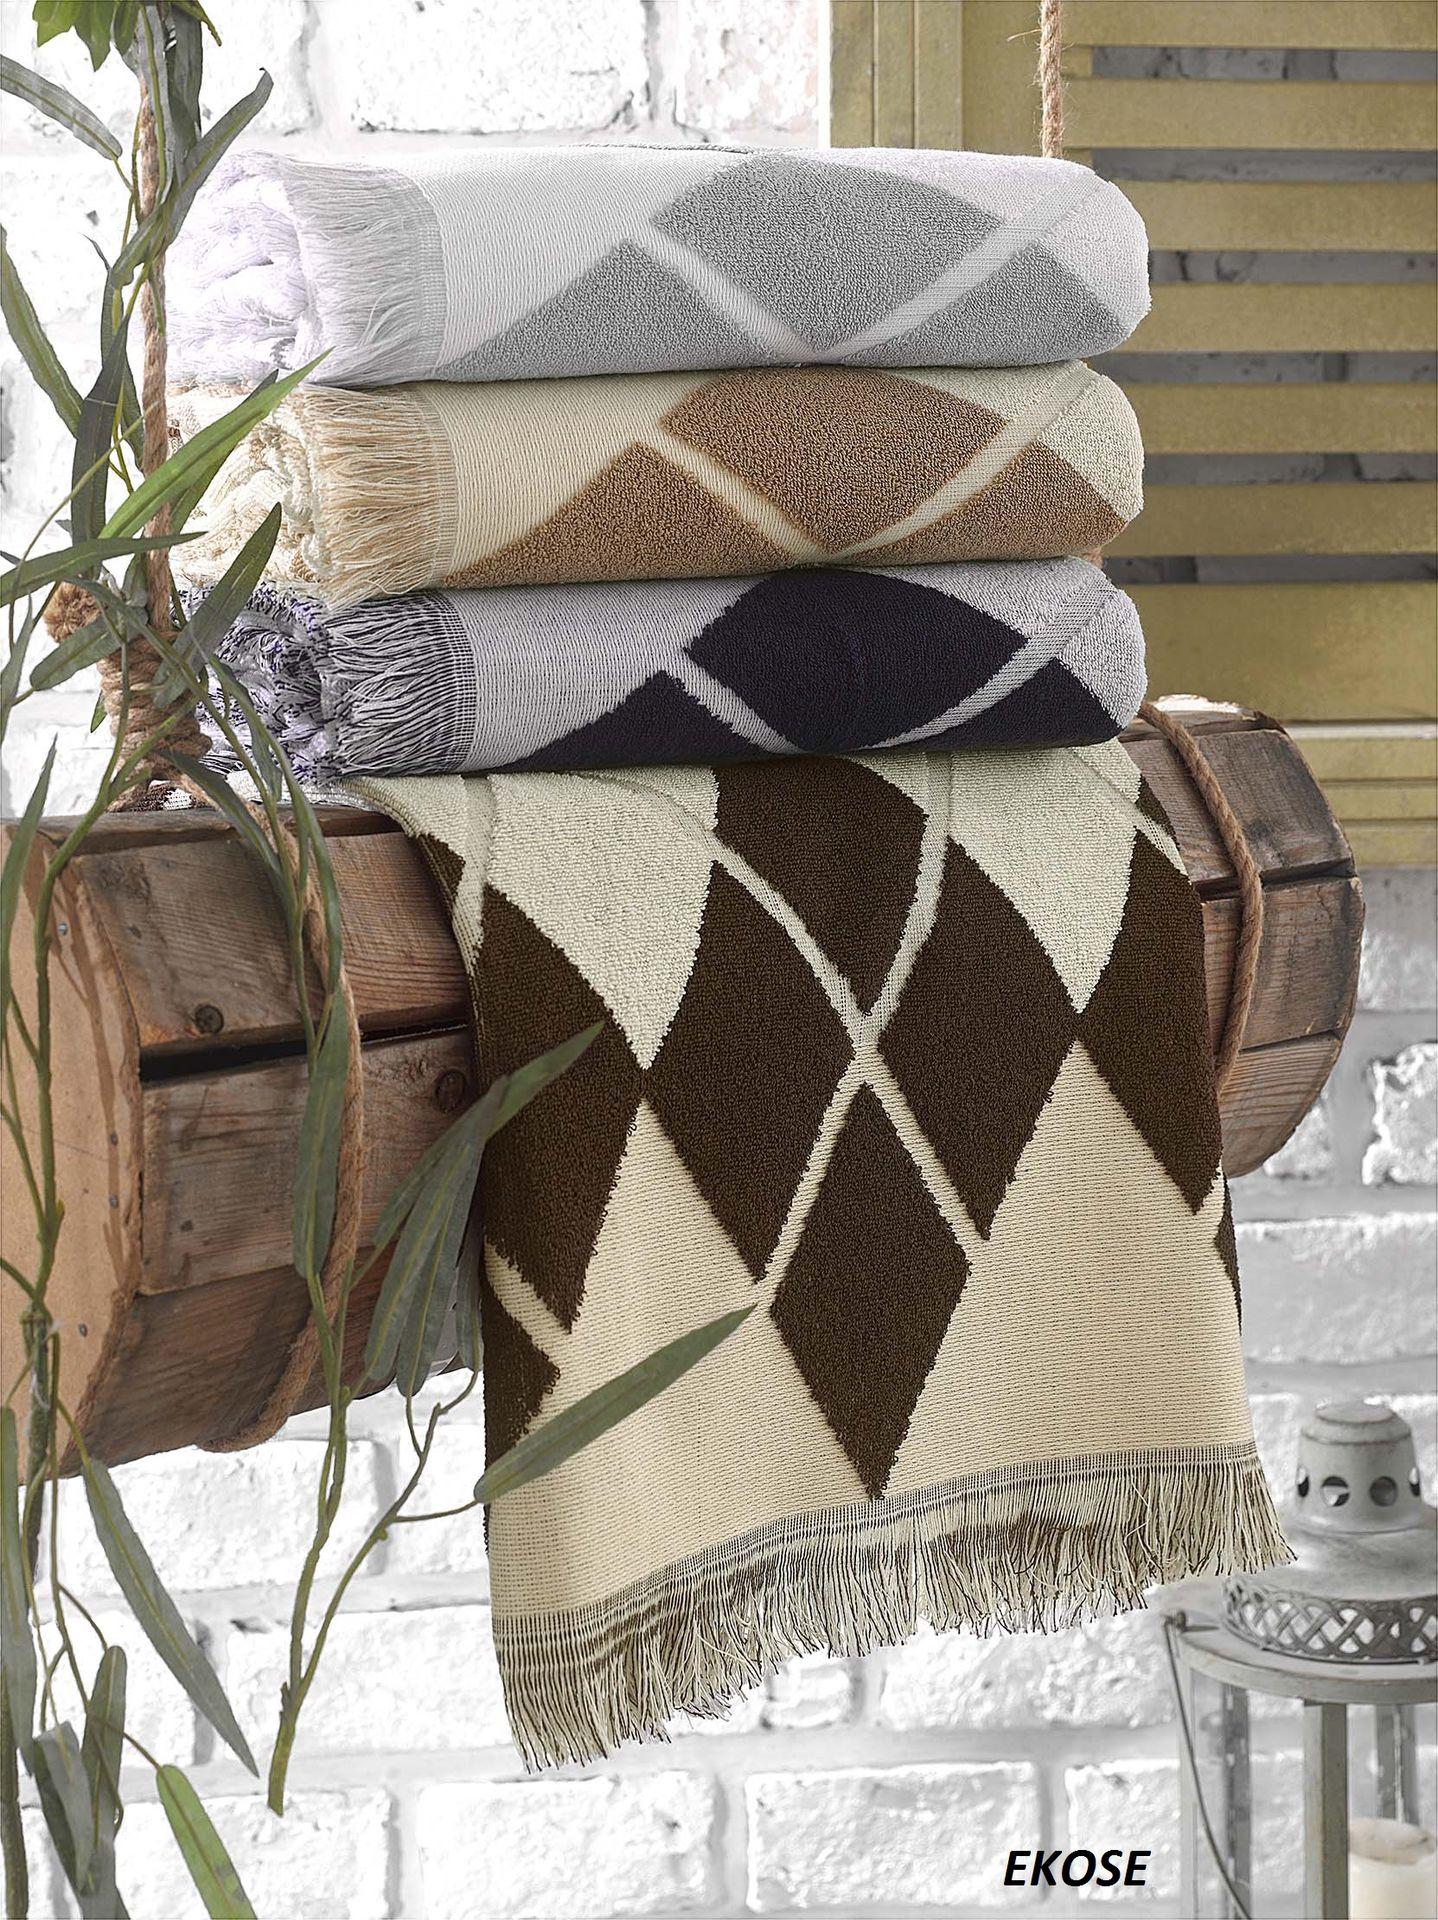 Полотенца Arya Полотенце Ekose Цвет: Серый, Белый (50х90 см) полотенца arya полотенце otel цвет белый 50х90 см 6 шт